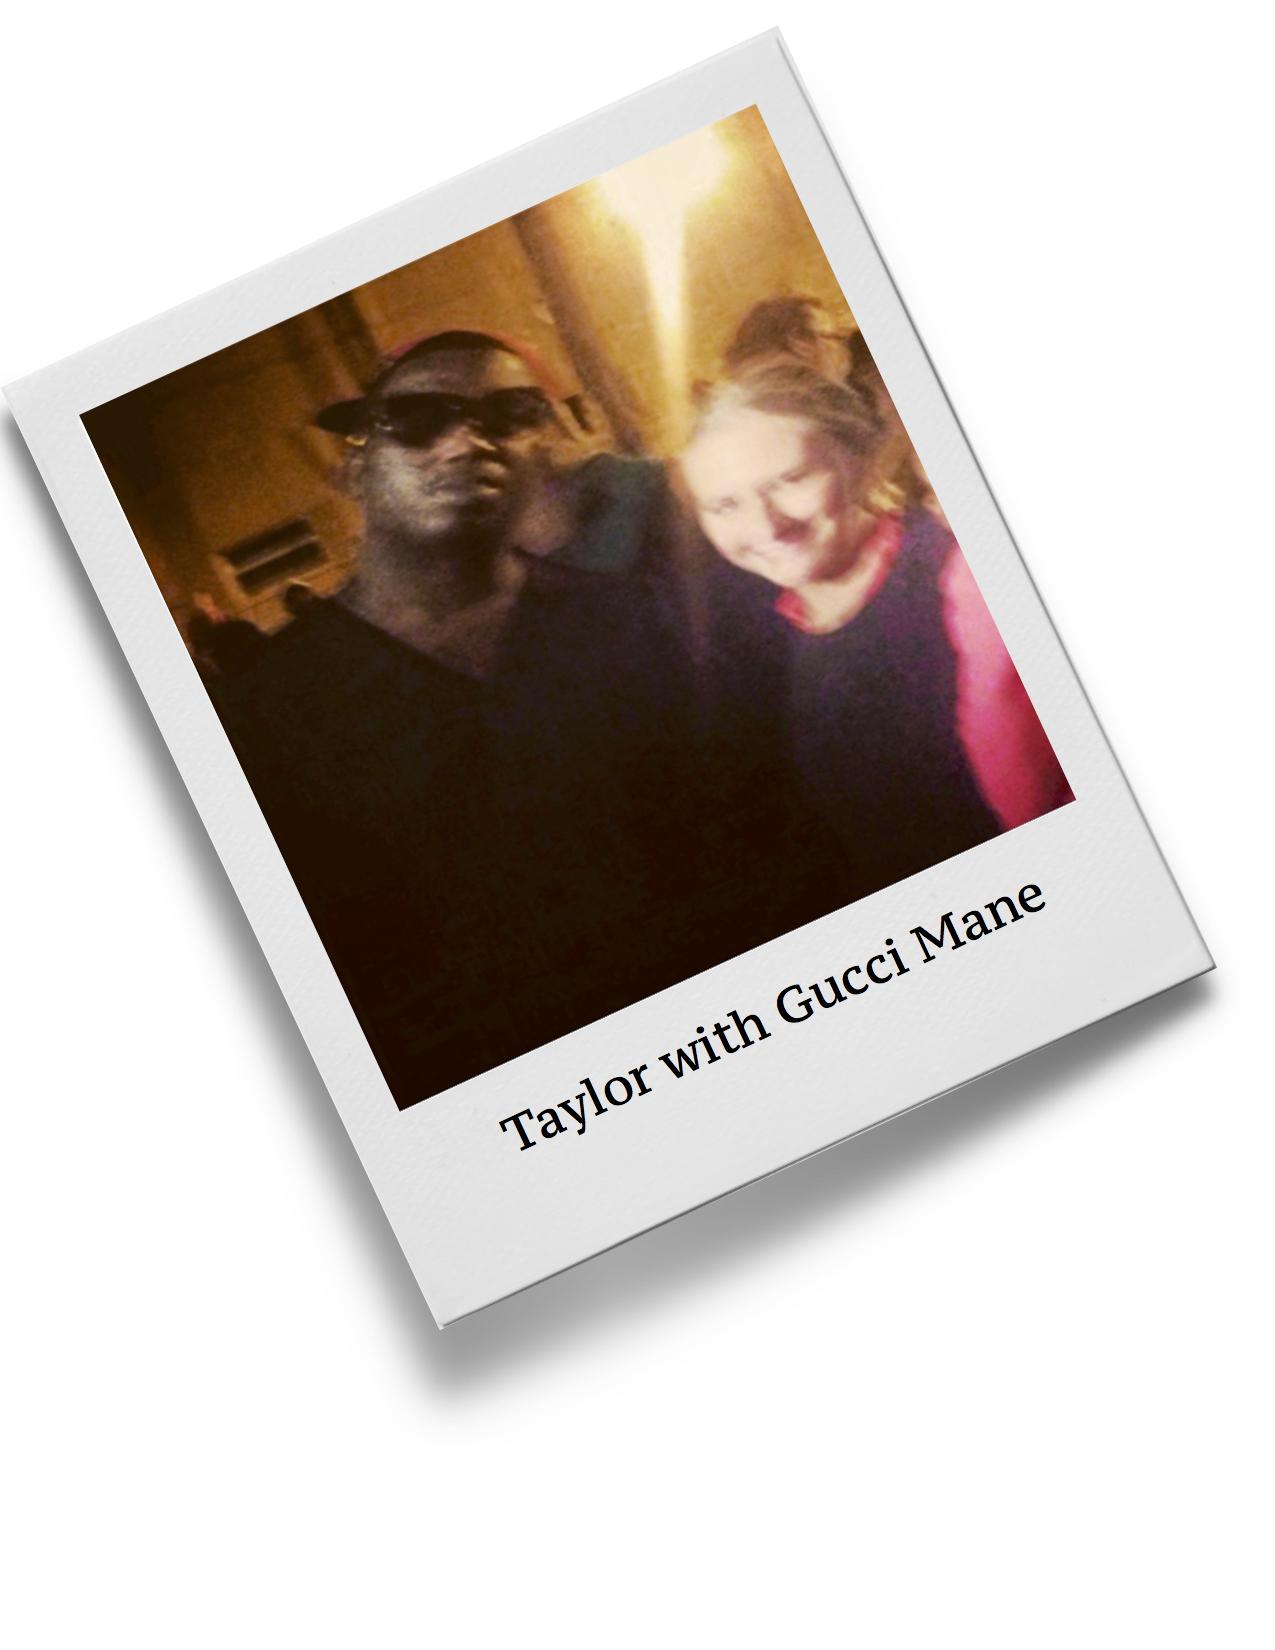 TaylorwithGucci